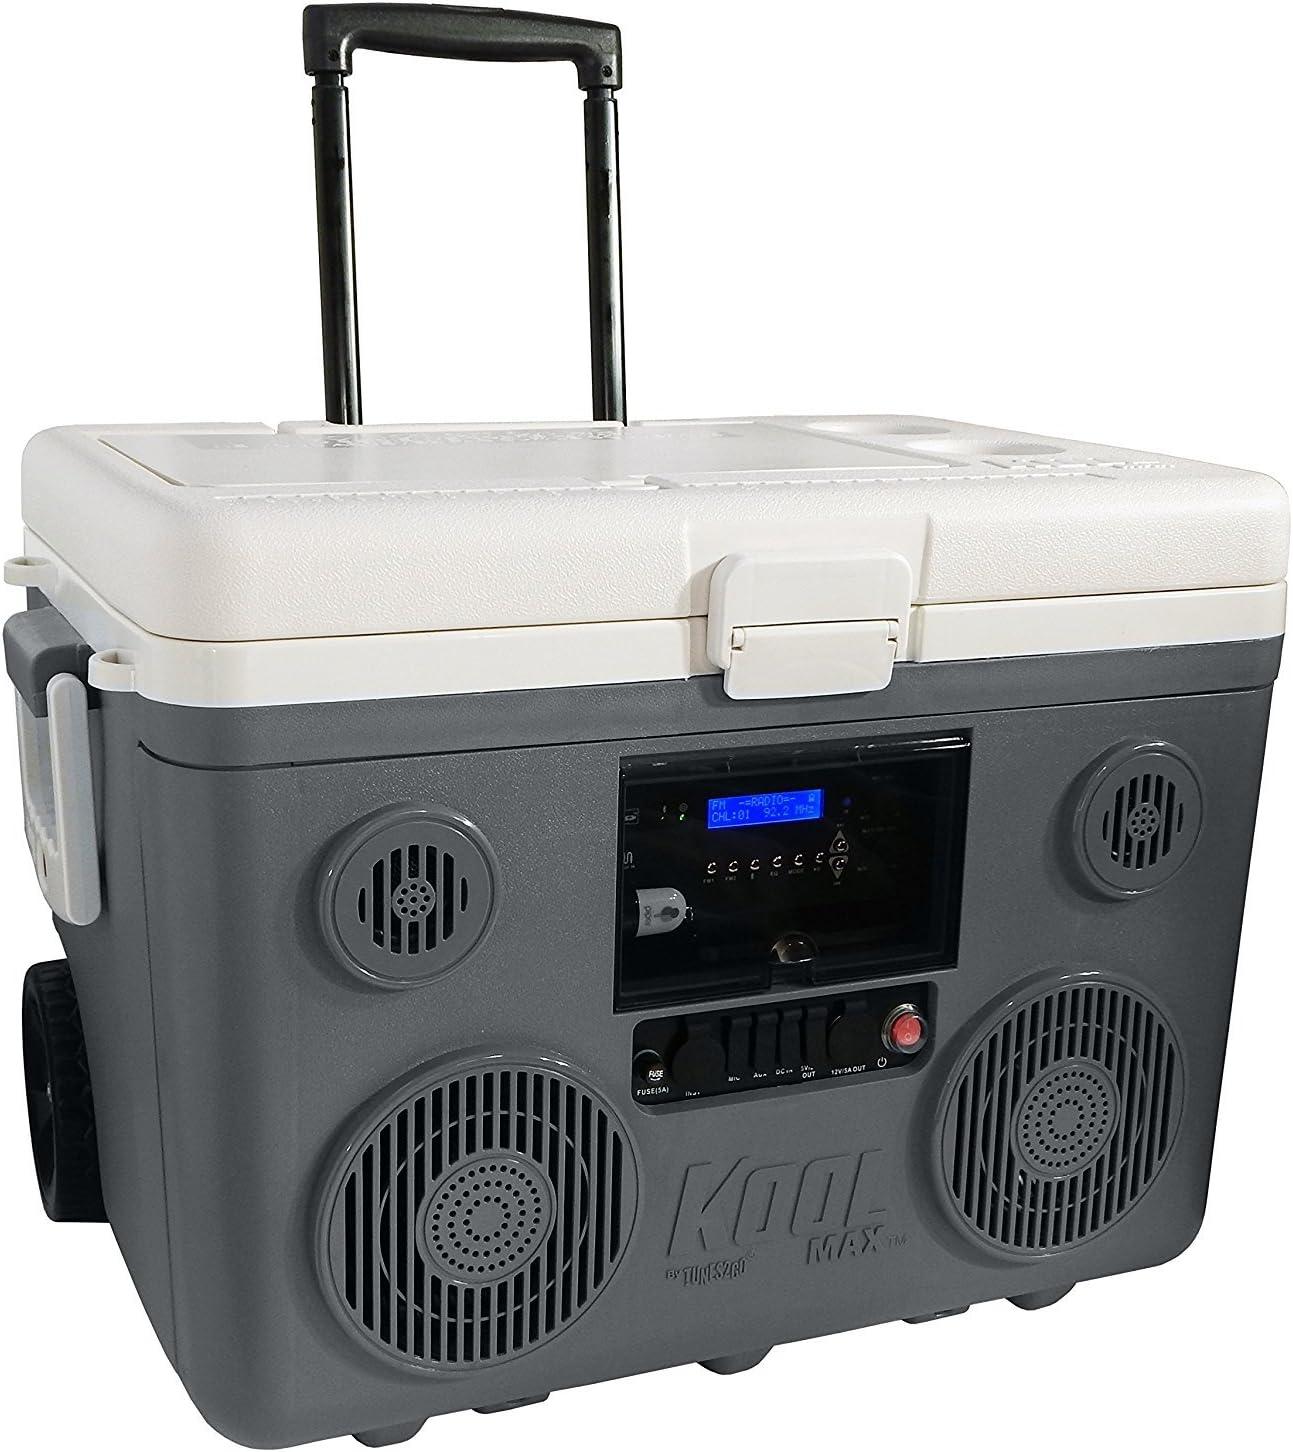 TUNES2GO KoolMAX Cooler